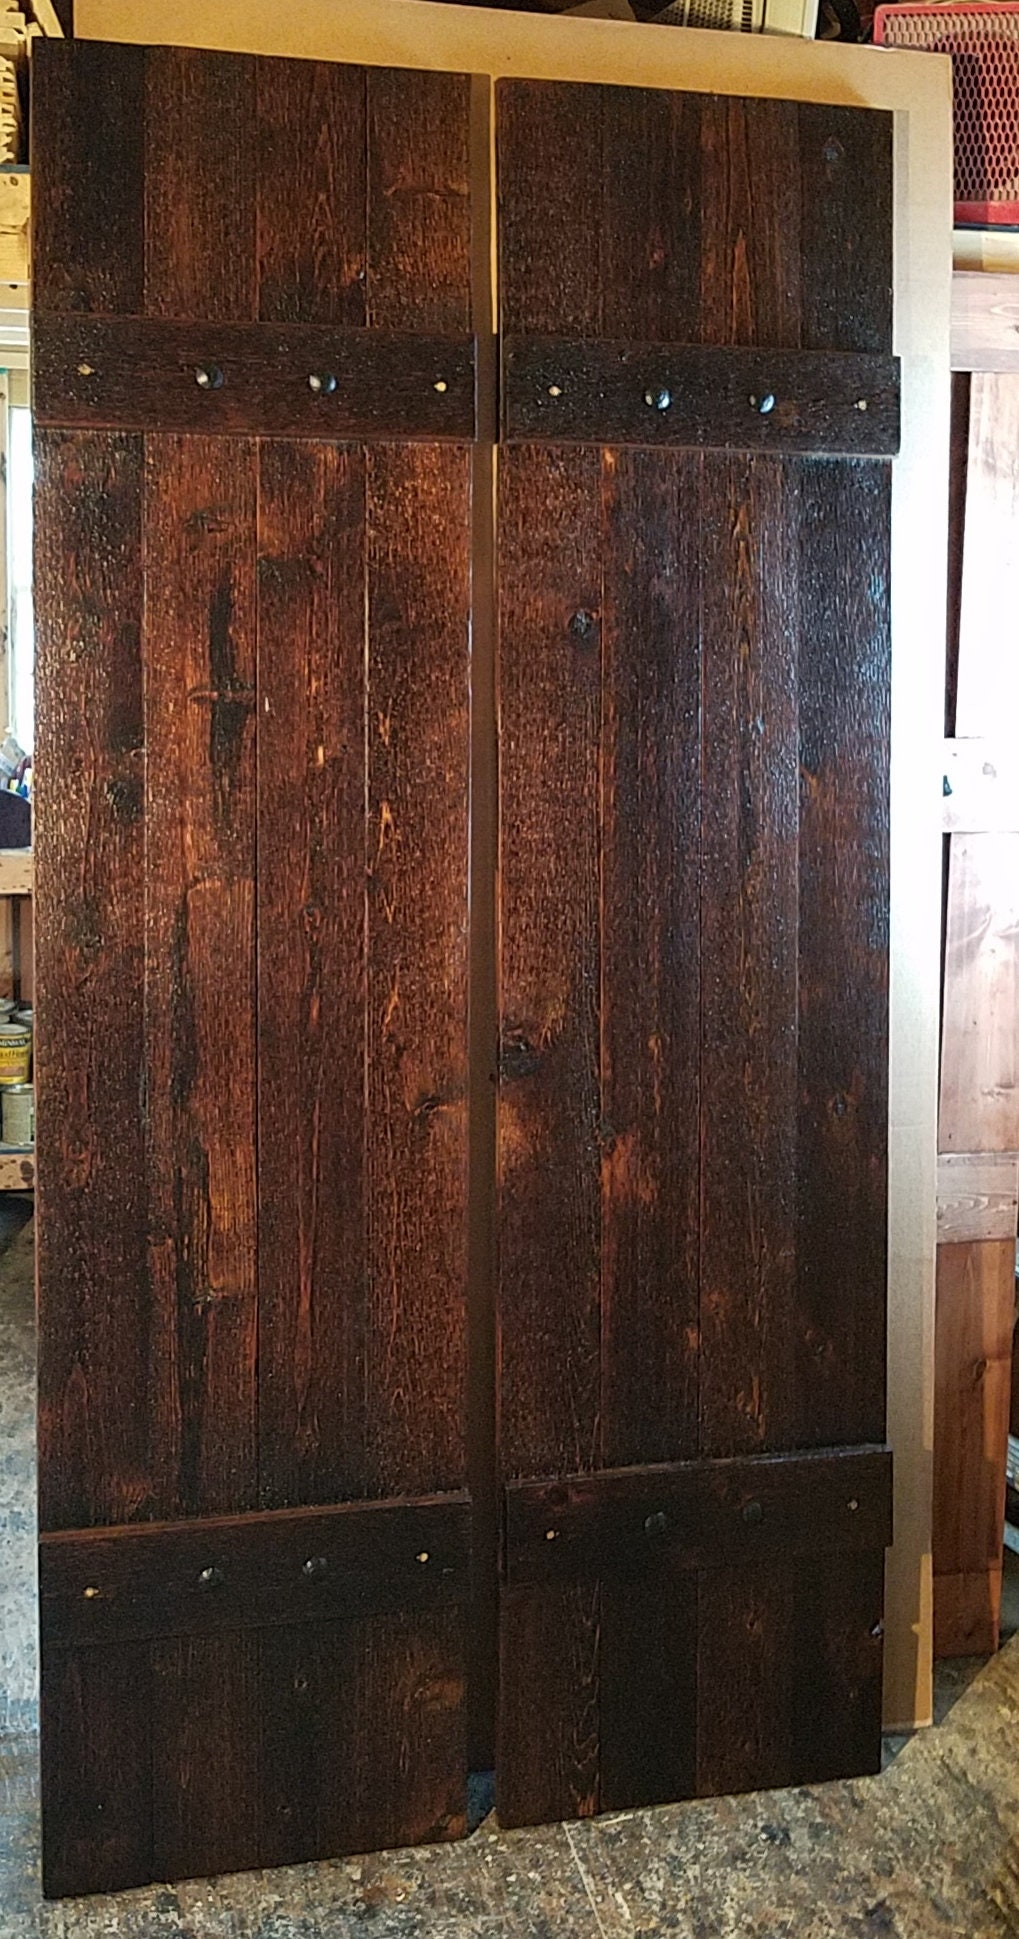 Rustic Cedar Shutters Window Shutters Primitive